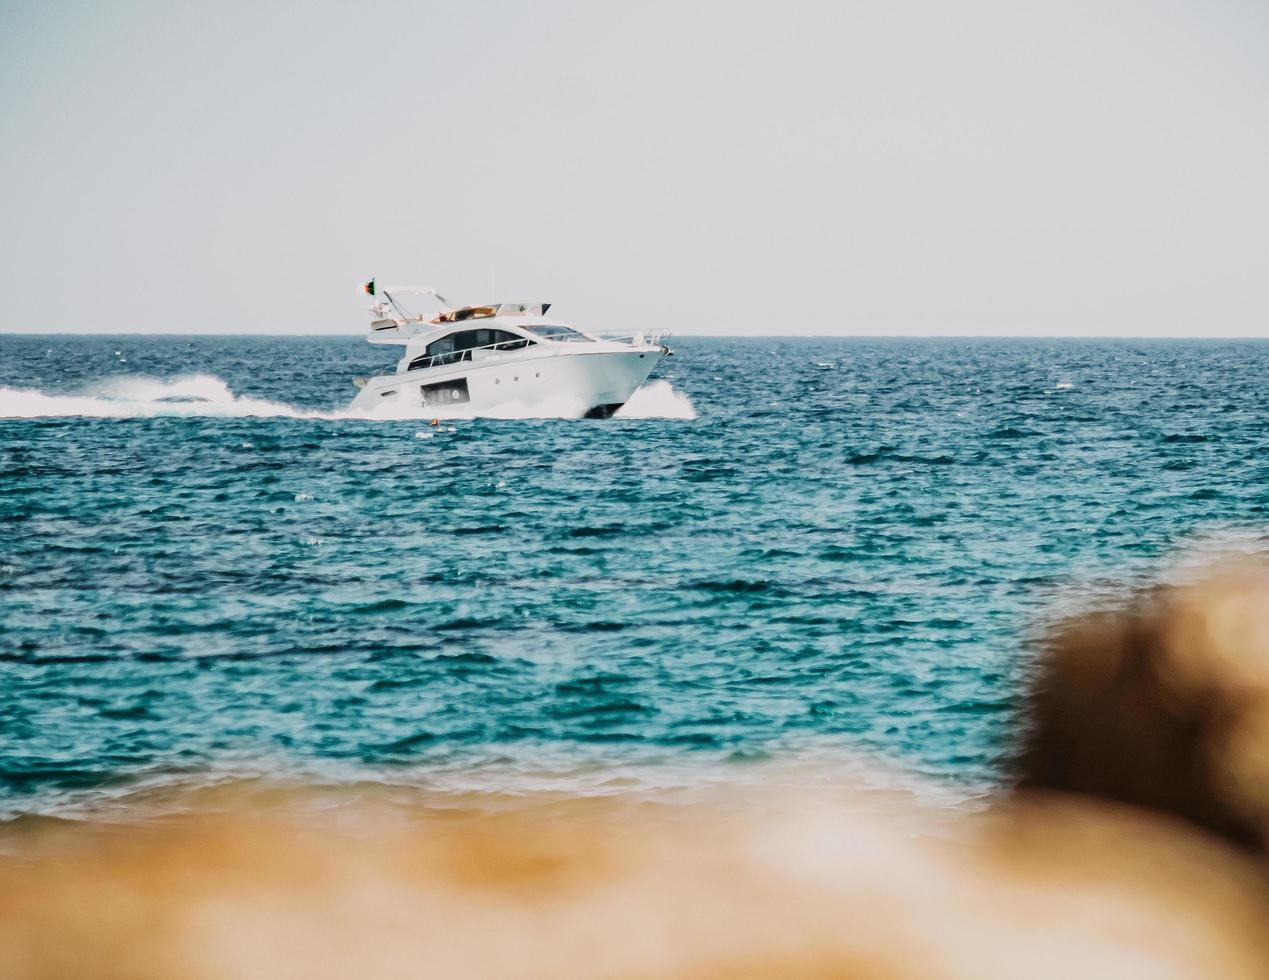 Barco blanco y negro en el mar durante el día foto